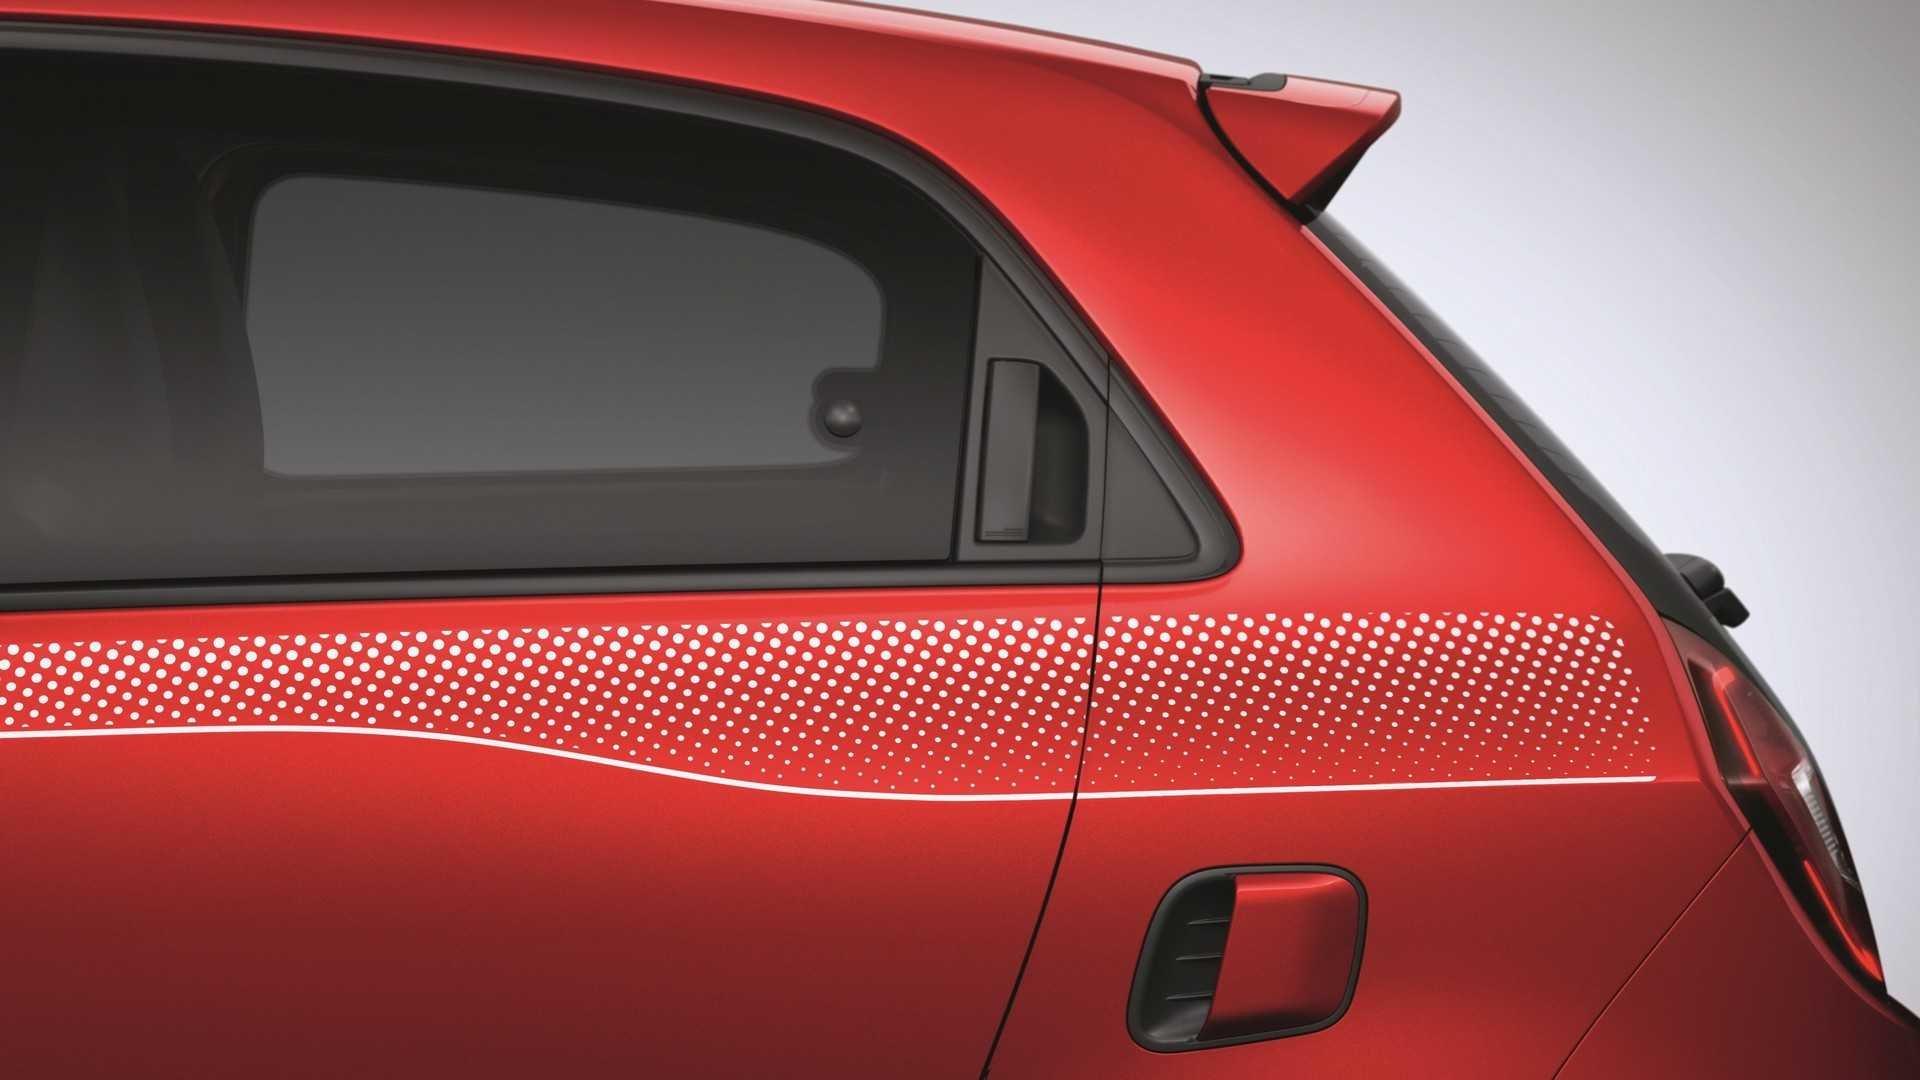 Fotografie č. 11 u článku Nový Renault Twingo odhalen